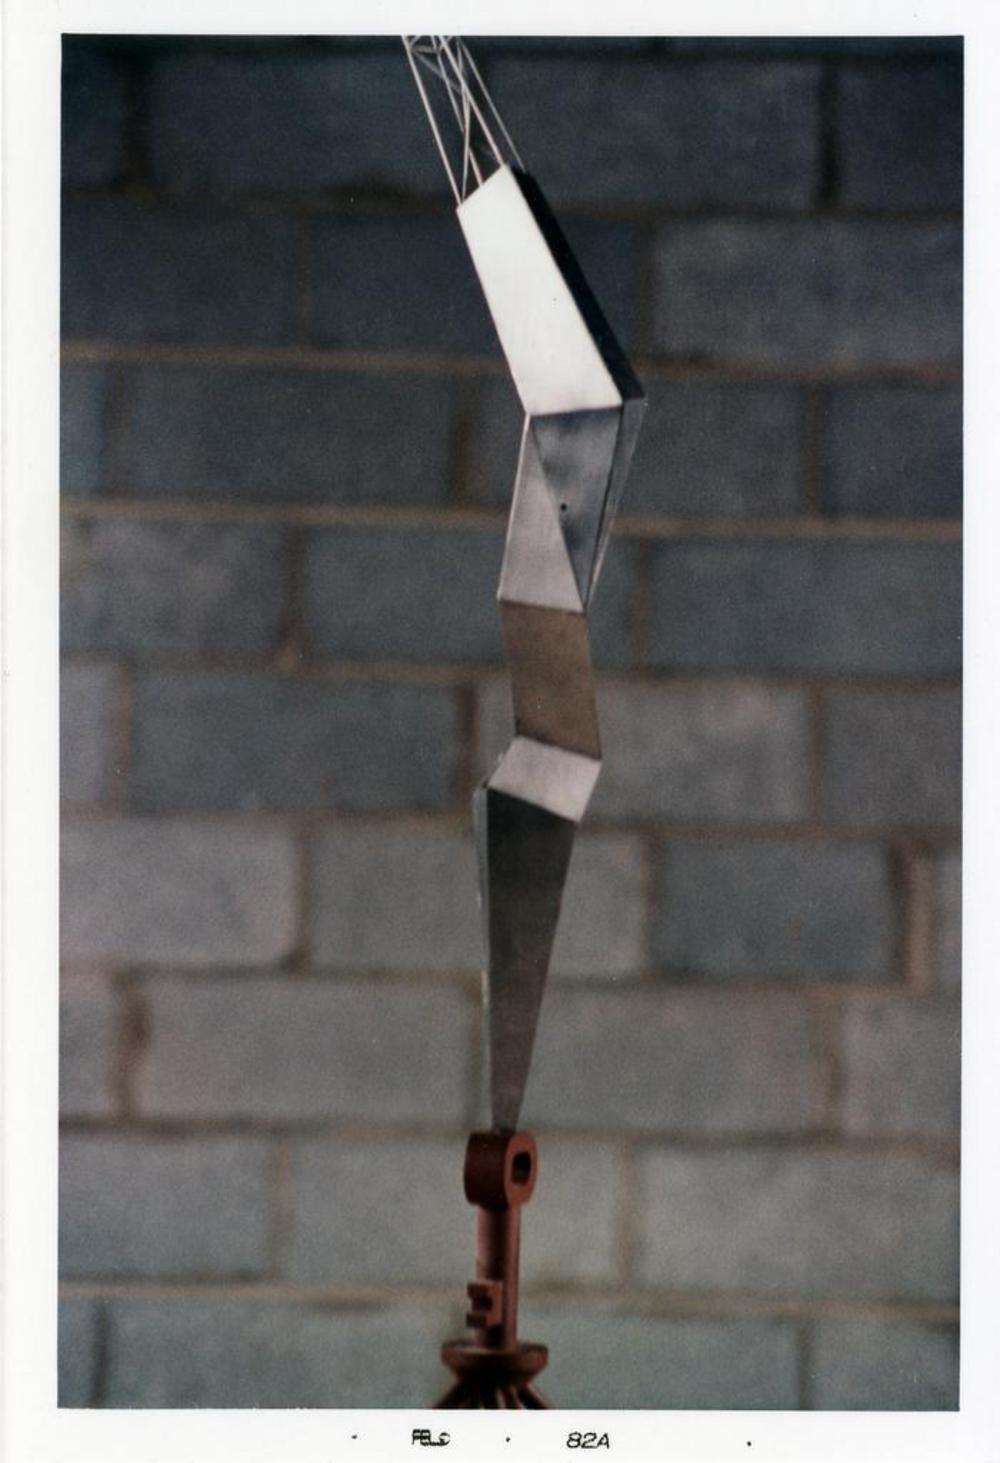 Model for Bolt of Lightning...Memorial to Ben Franklin, image 4